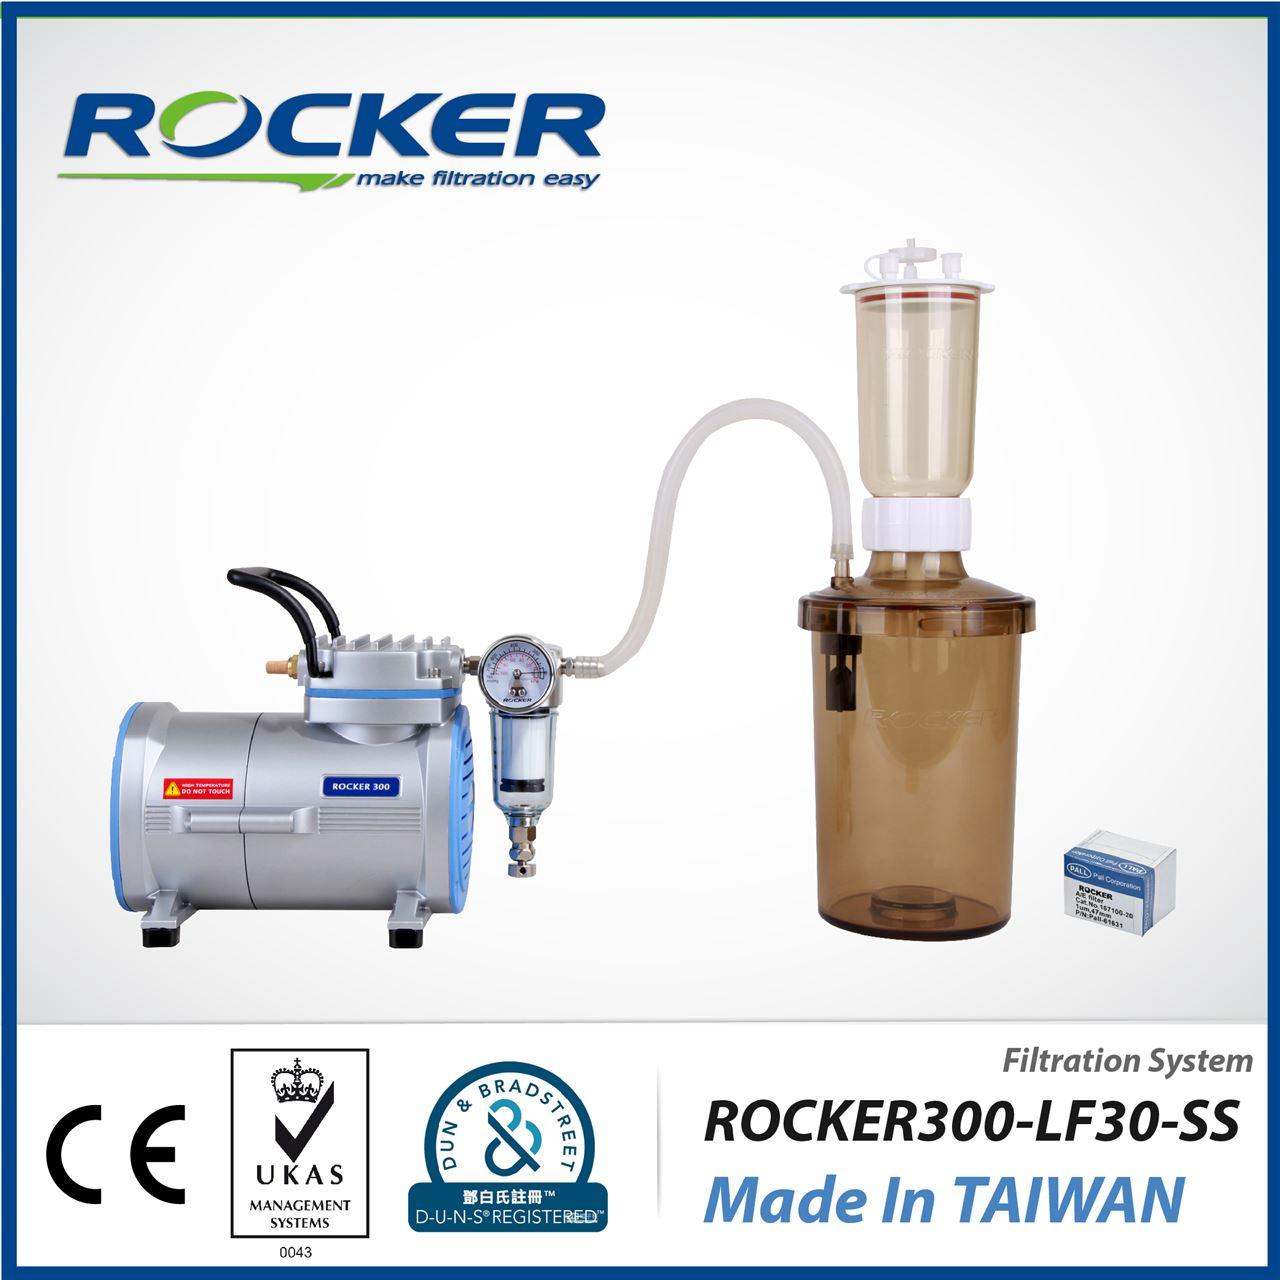 【台湾洛科】Rocker 300 - LF 30 - SS  真空过滤系统